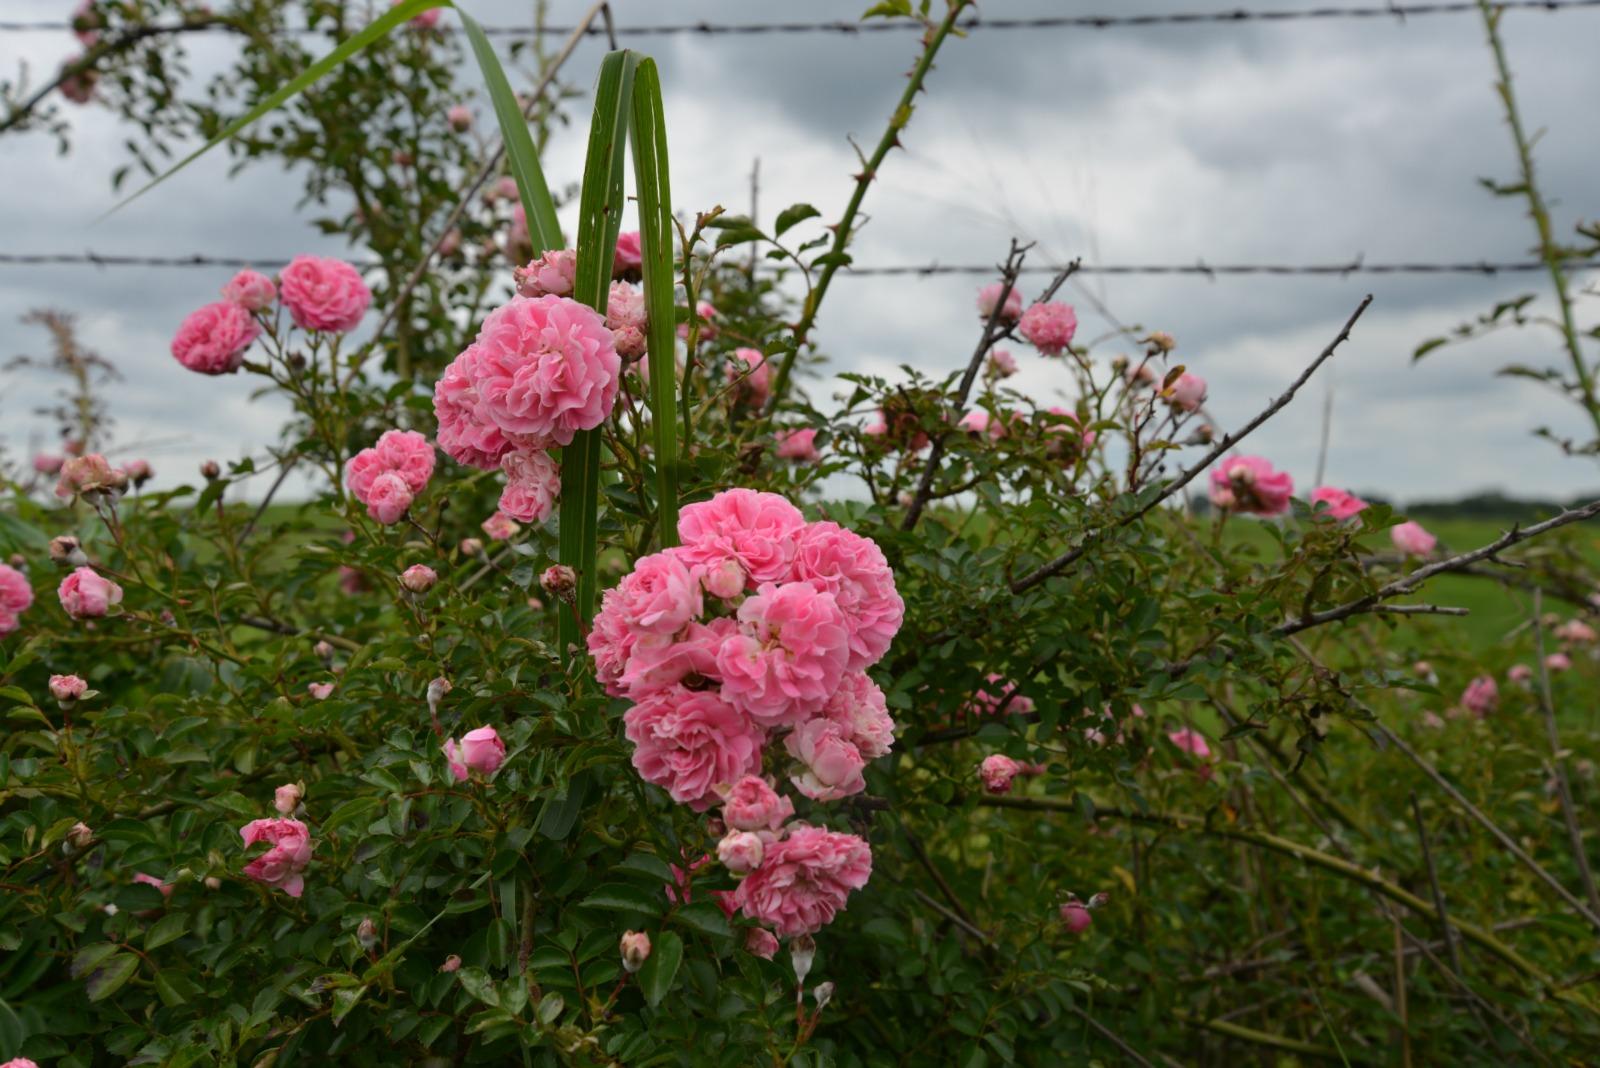 Memorial Day Wild Roses